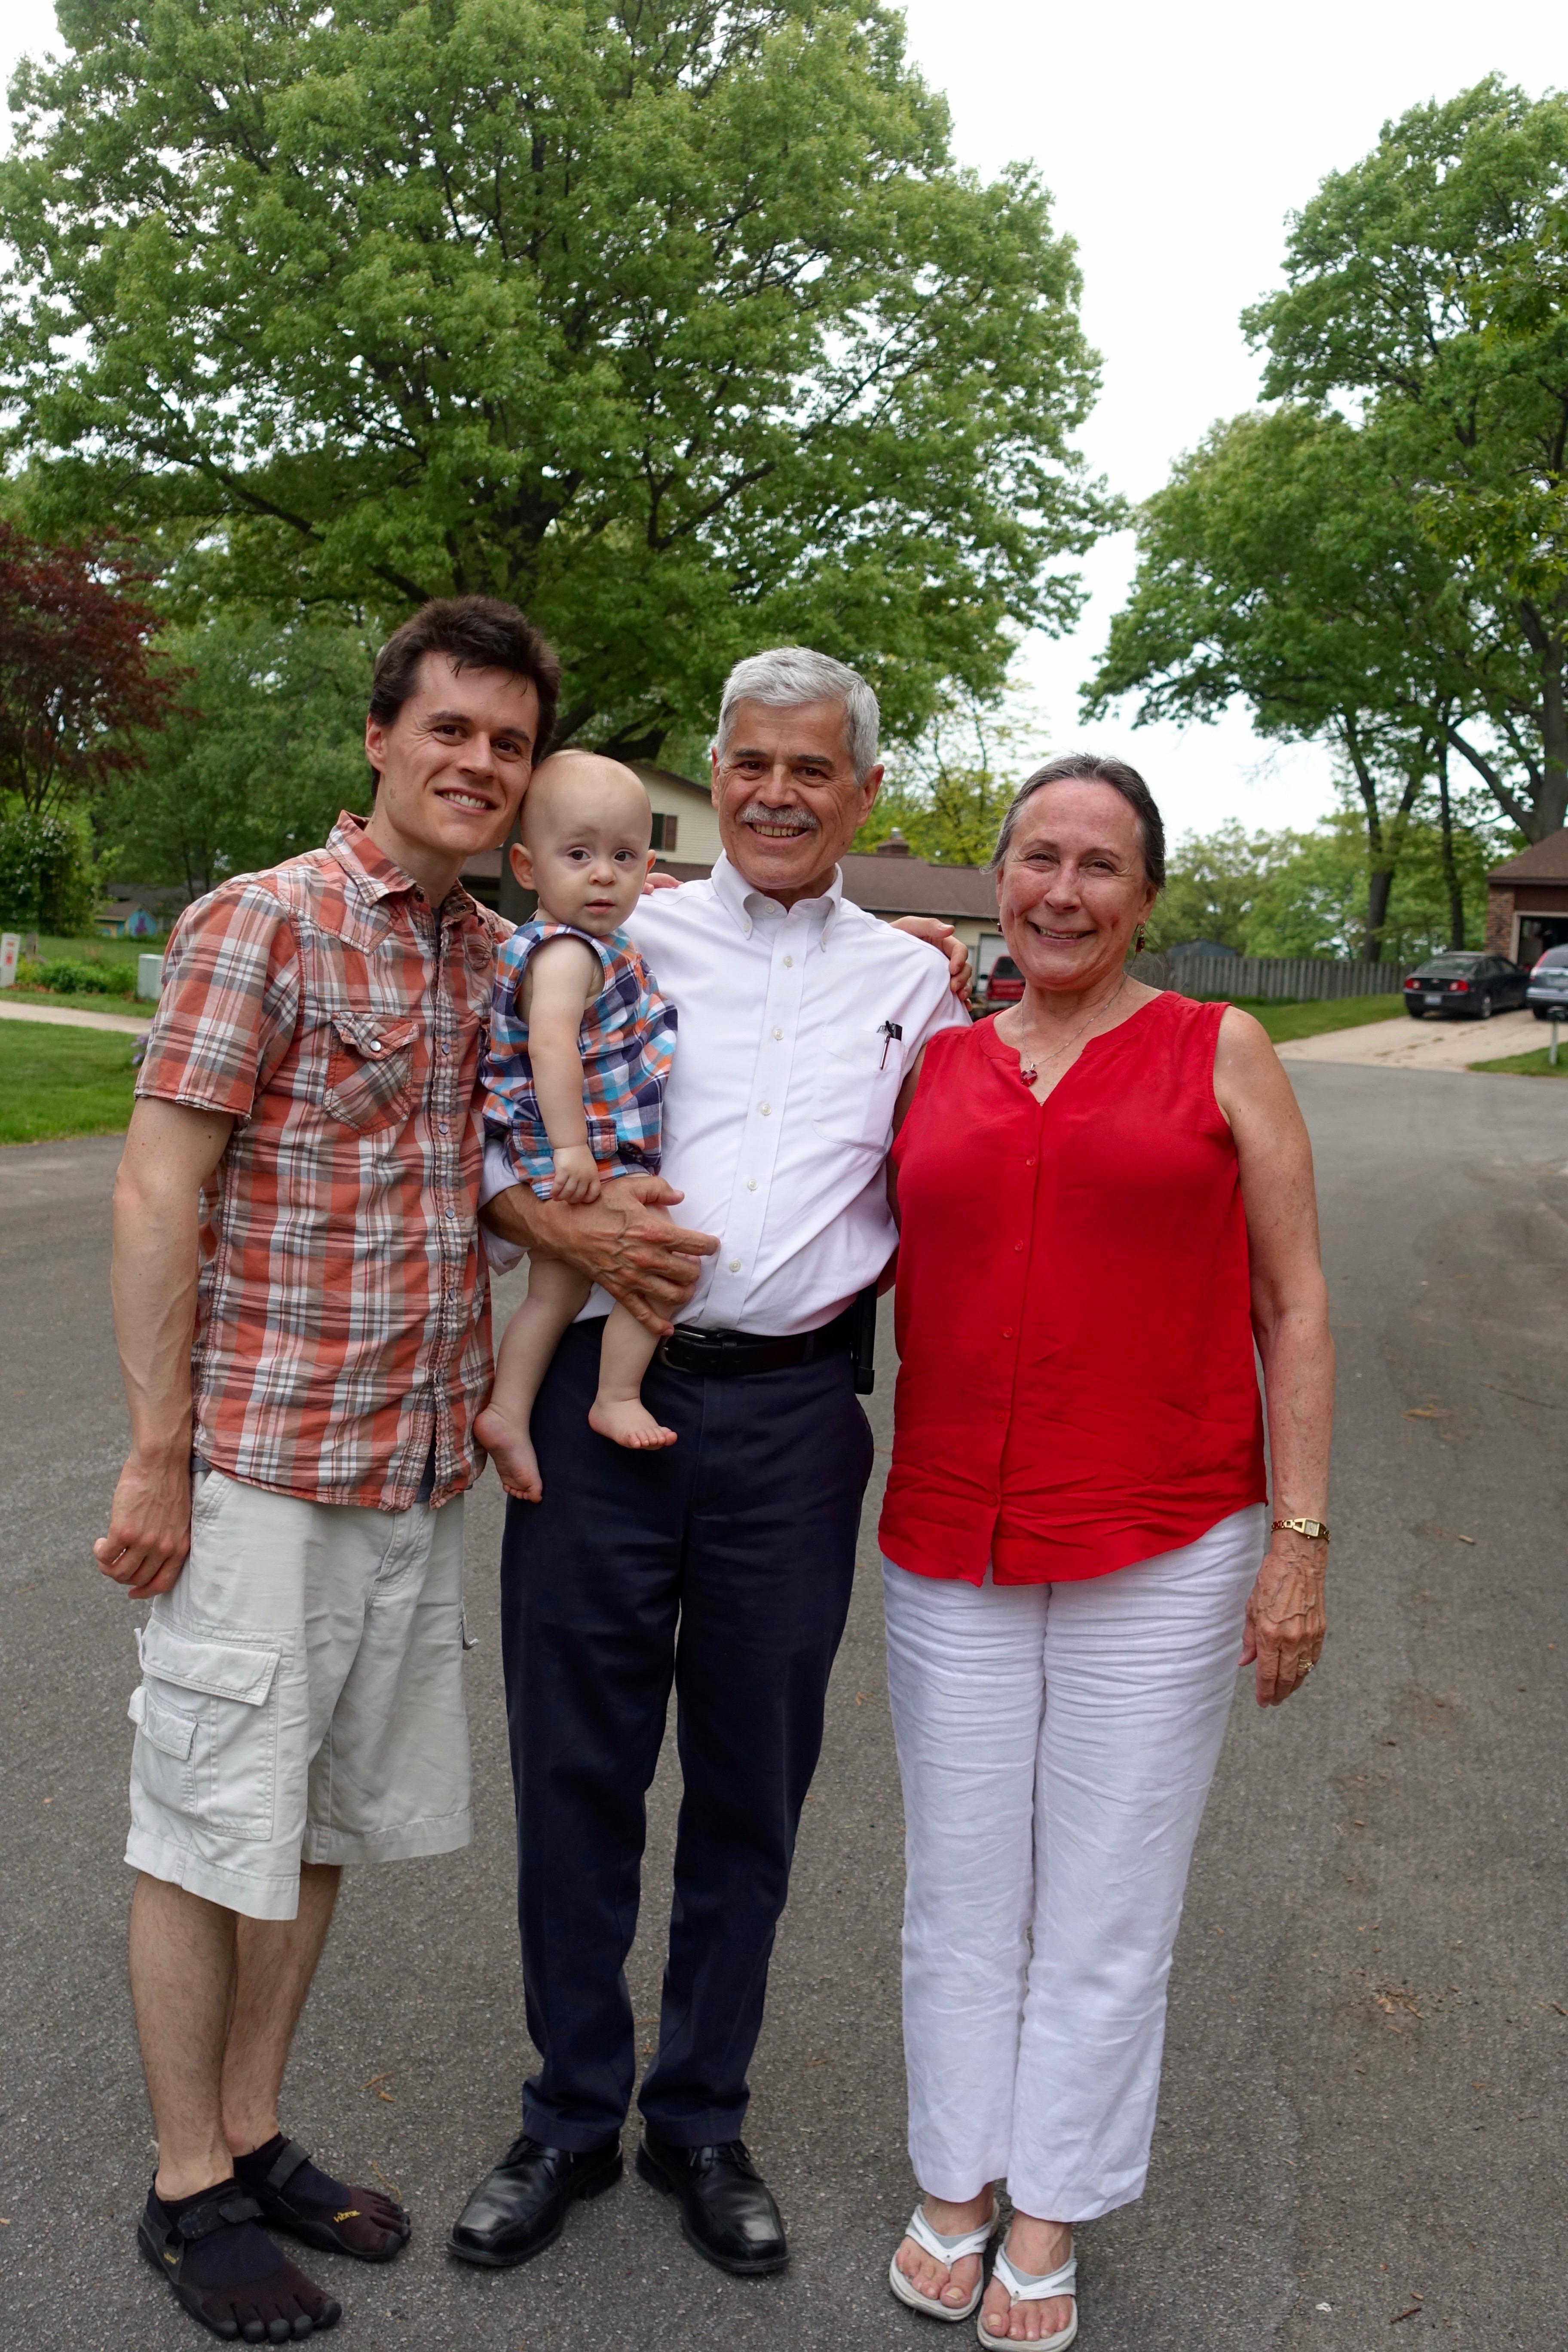 Alan, Daniel, and I